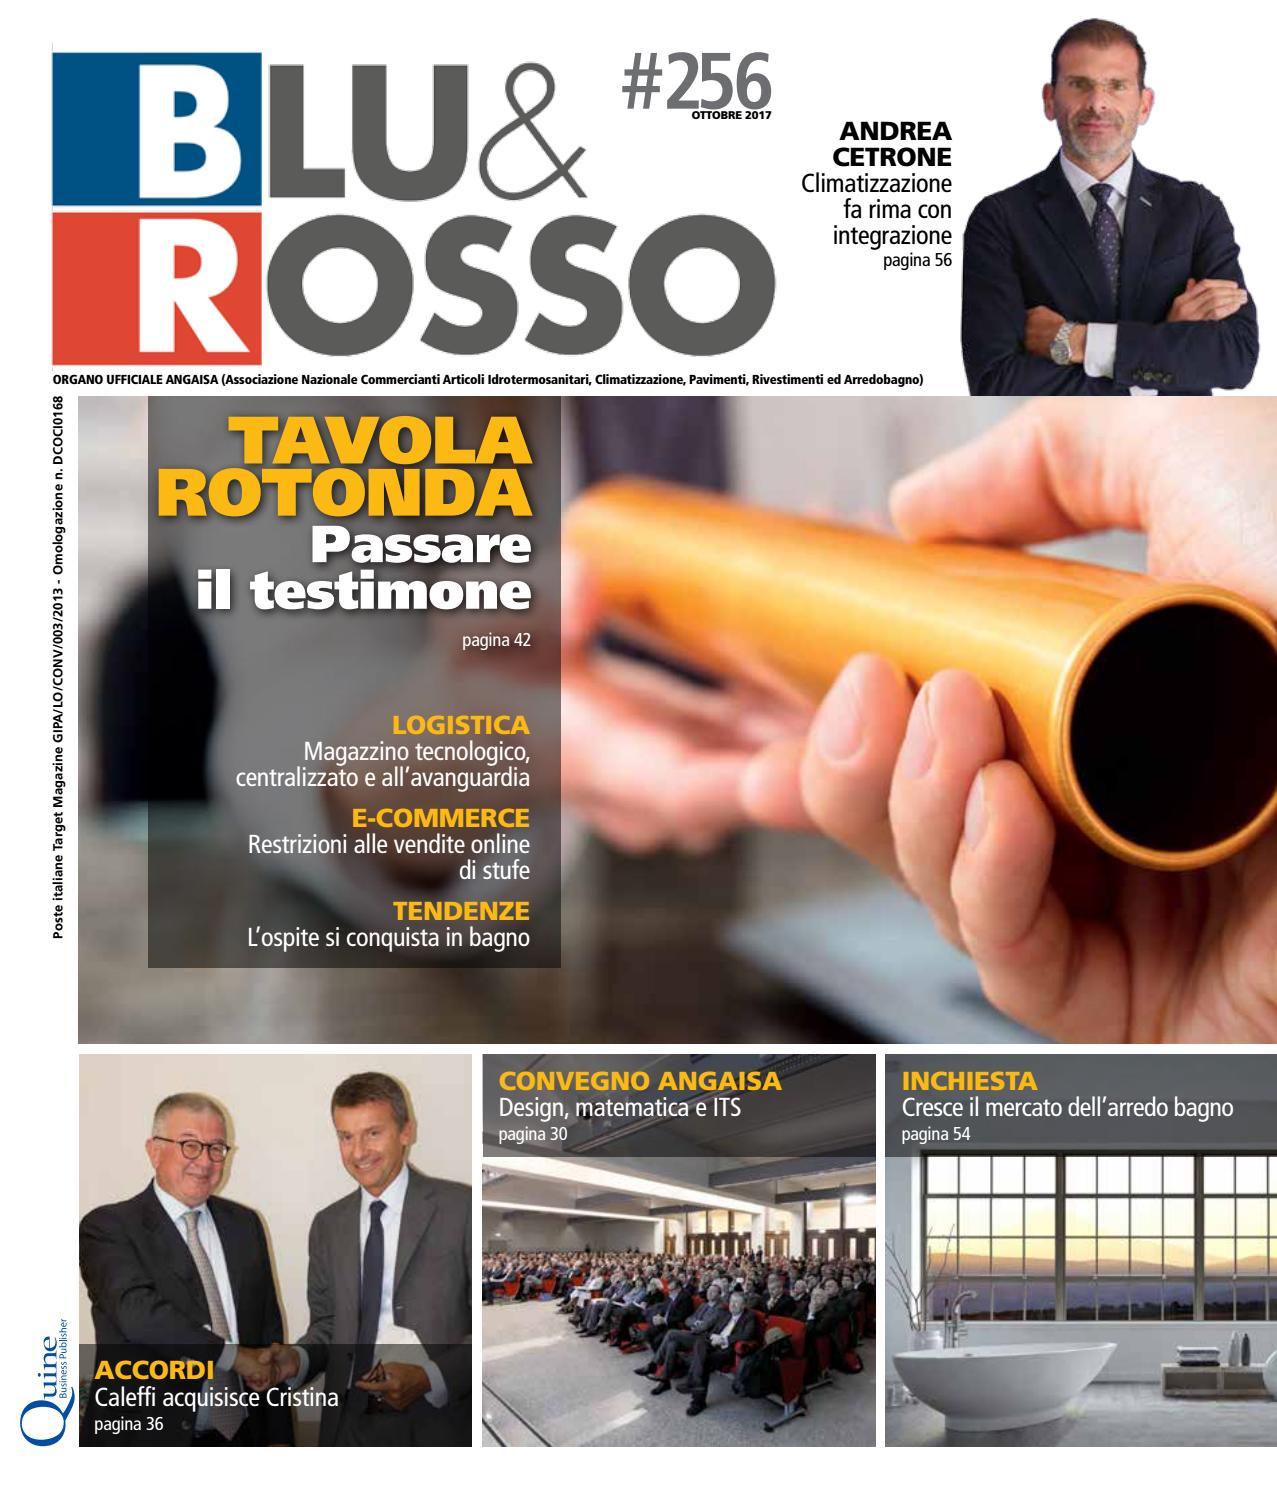 Carboni Correggio Arredo Bagno.Blu Rosso N 256 Ottobre By Quine Business Publisher Issuu